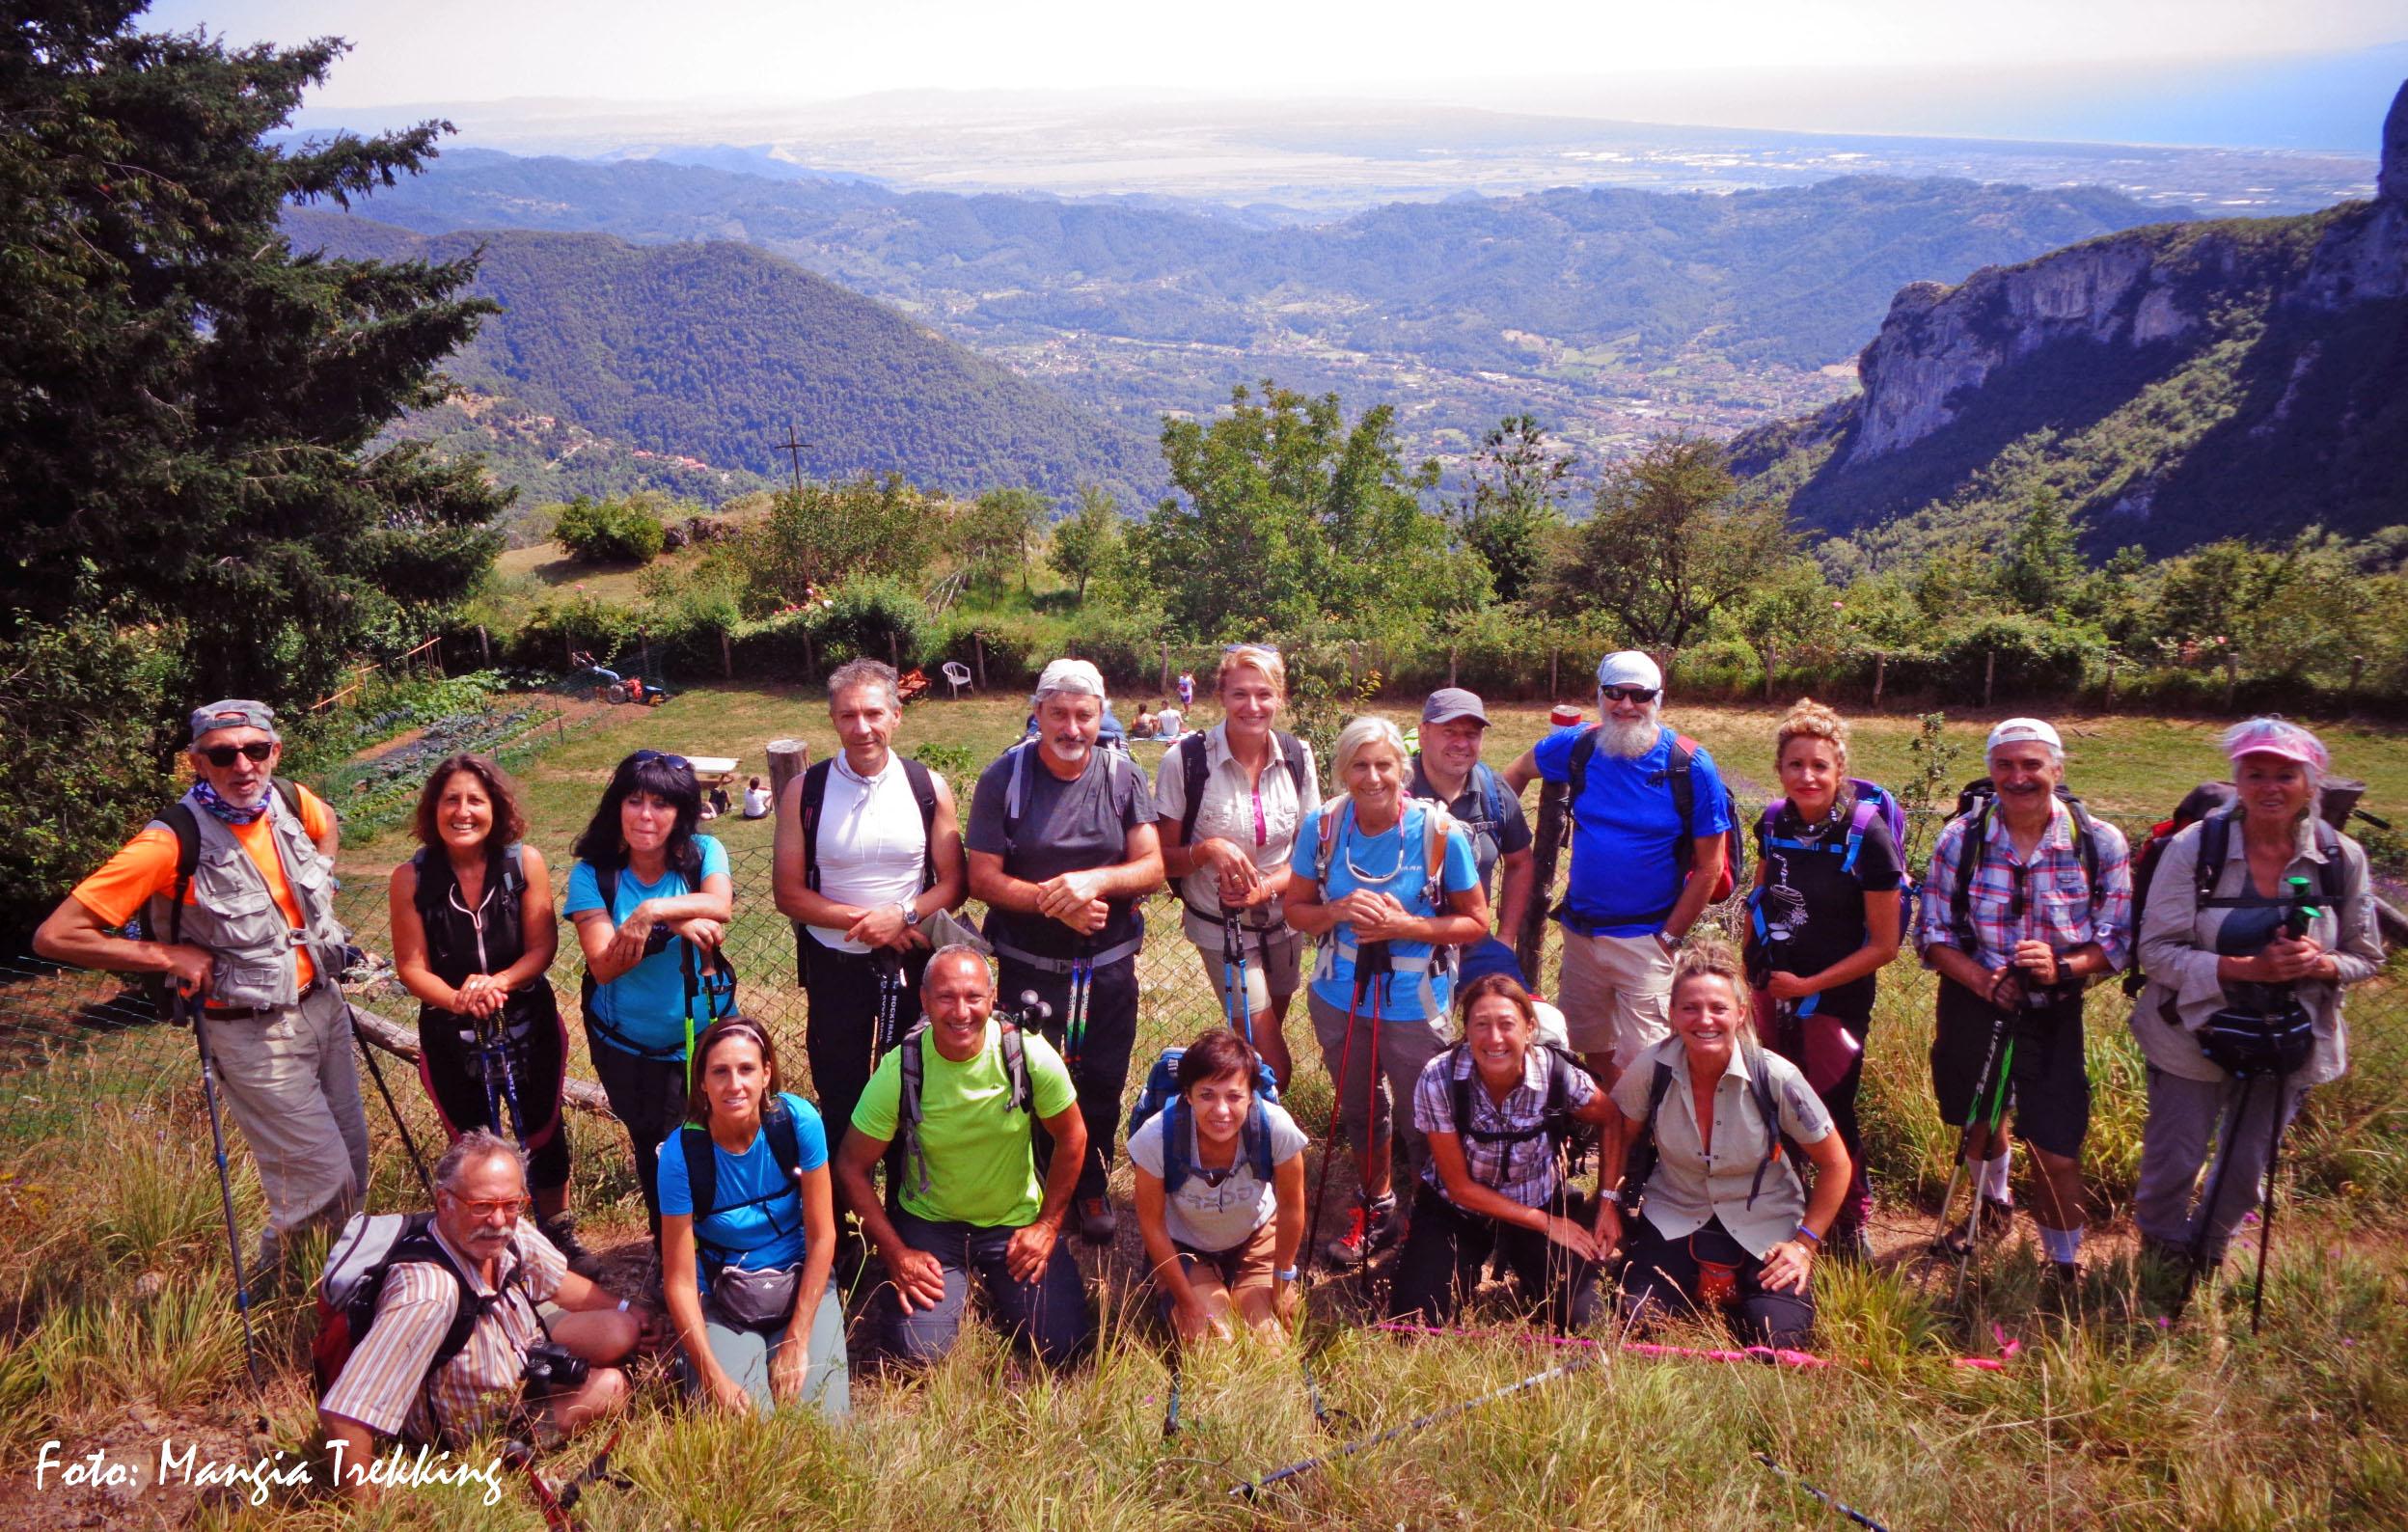 Sesta Godano: Mangia Trekking, le Alpi Apuane e Dante